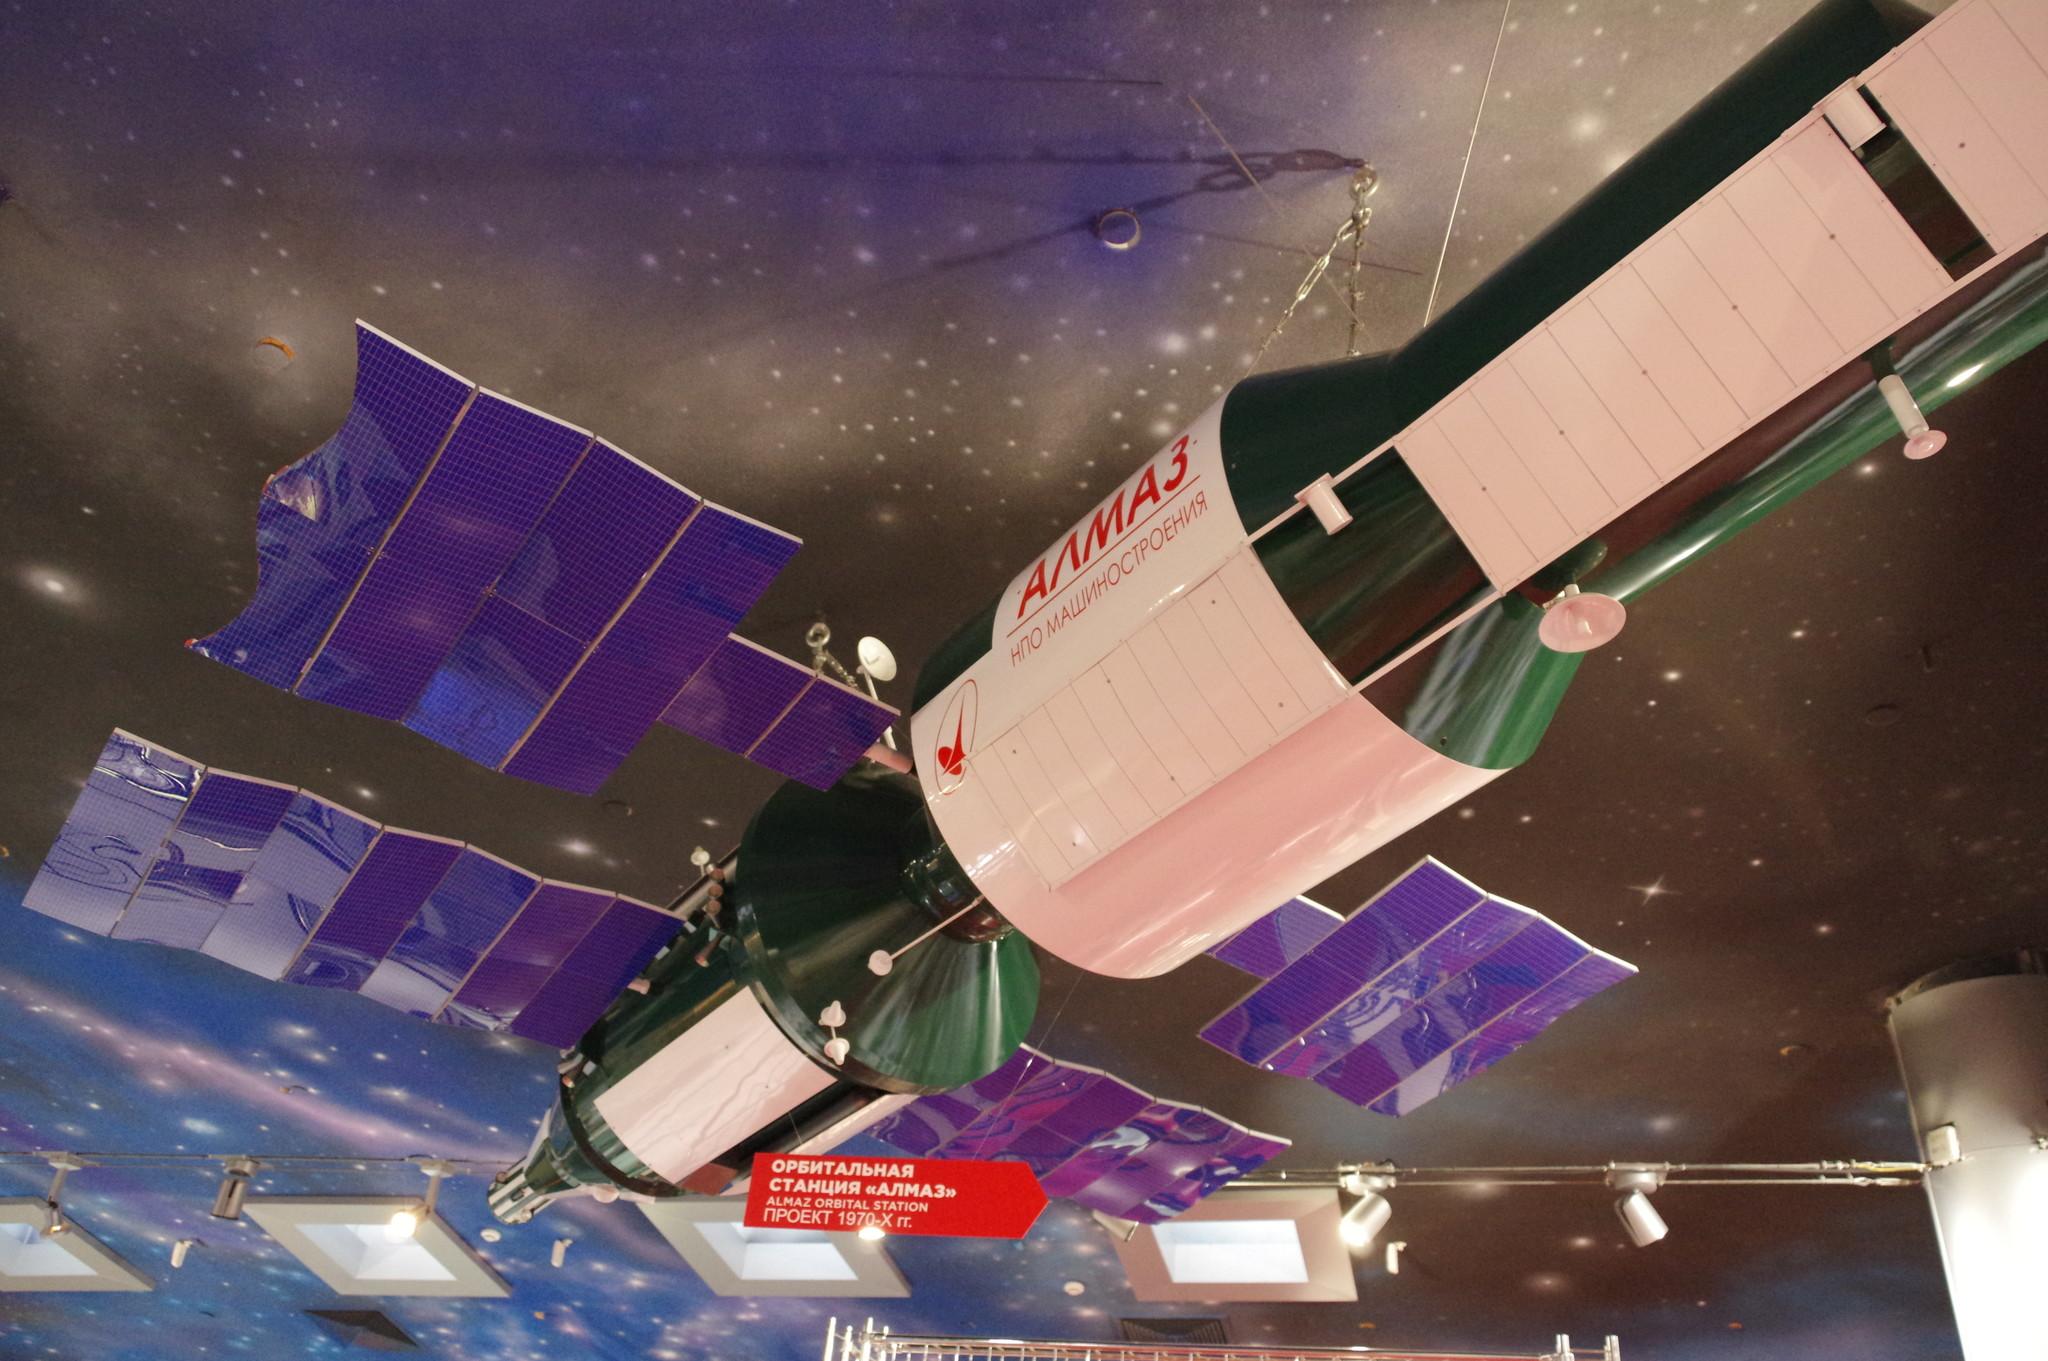 Орбитальная станция «Алмаз». Мемориальный музей космонавтики (Проспект мира, дом 111)